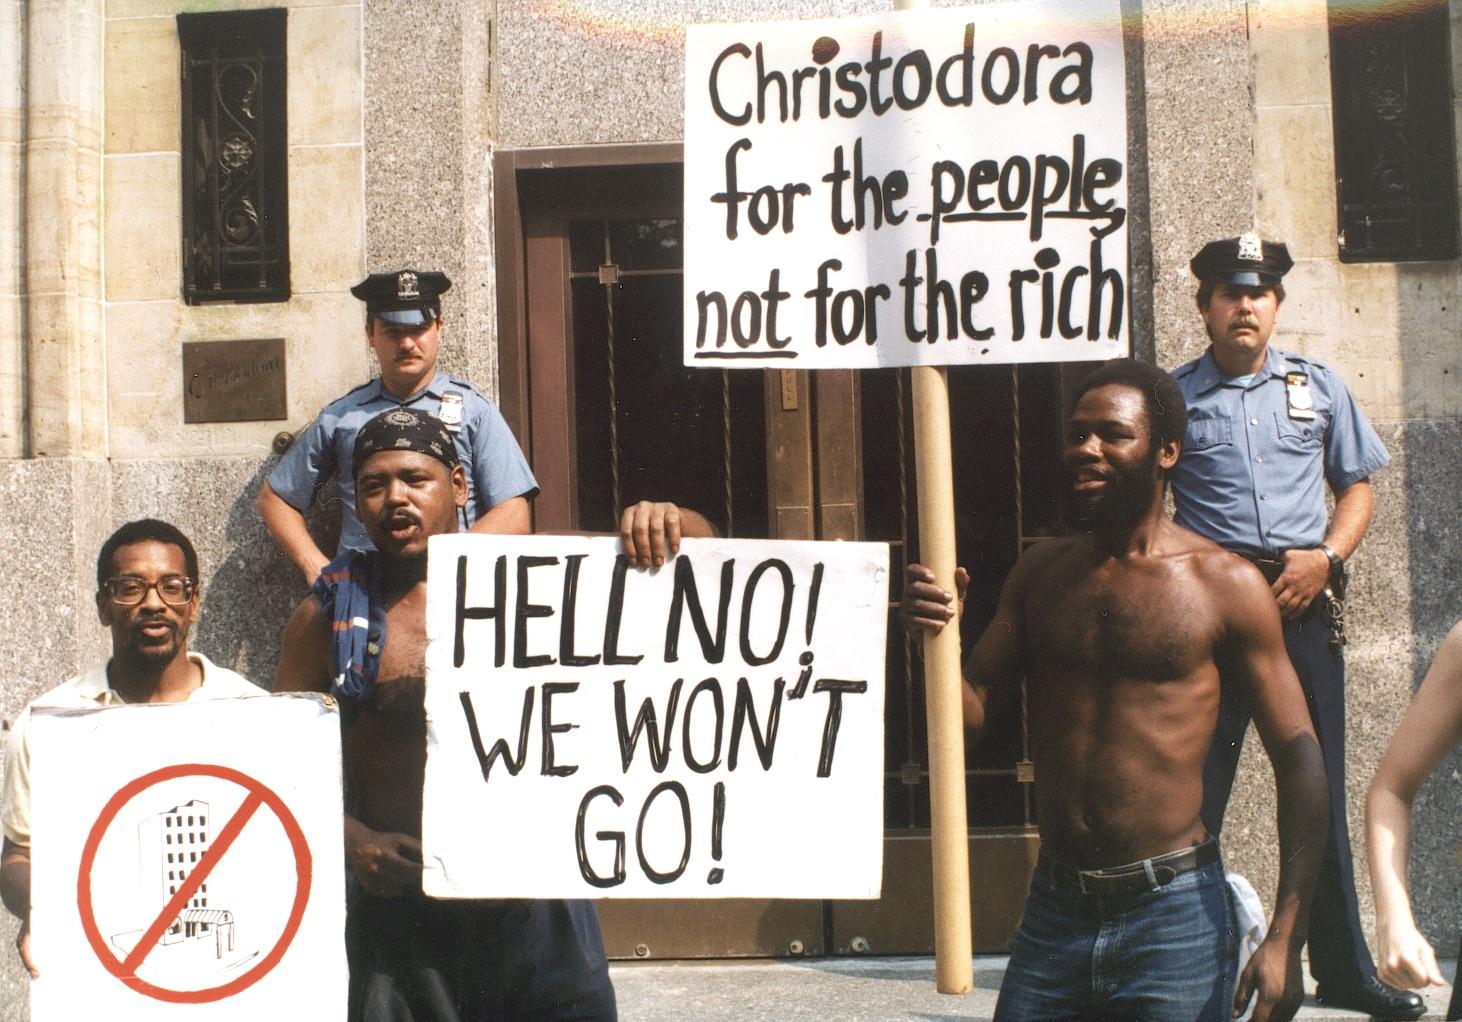 Christadora Protest